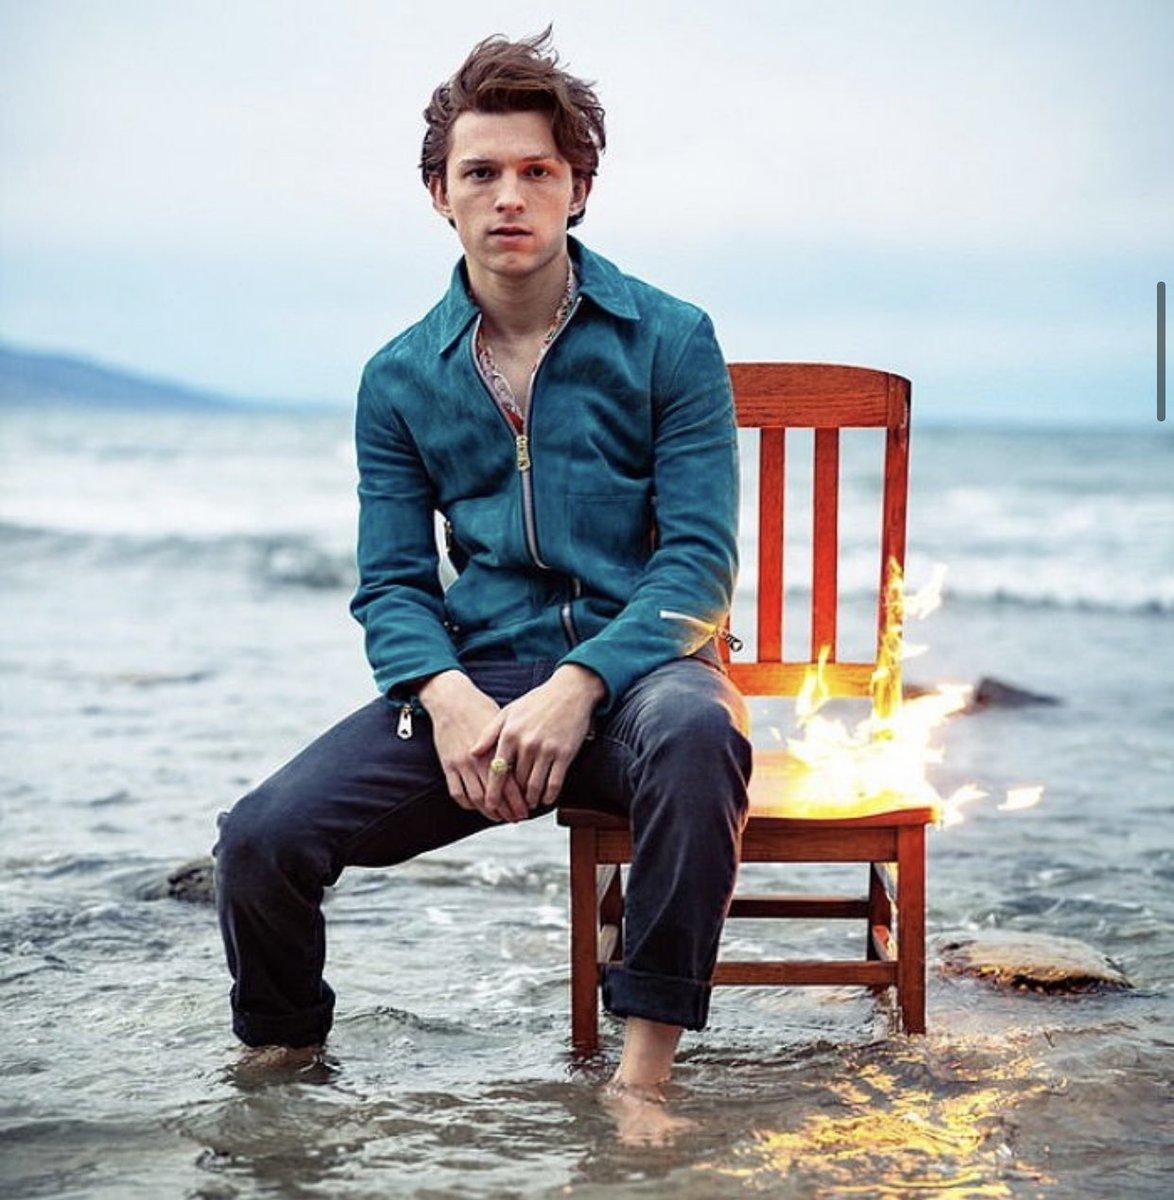 なぜか半分燃えてる椅子に座らされて 超キメ顔で写真撮られた後、 全力で緊急離脱するトム・ホランド